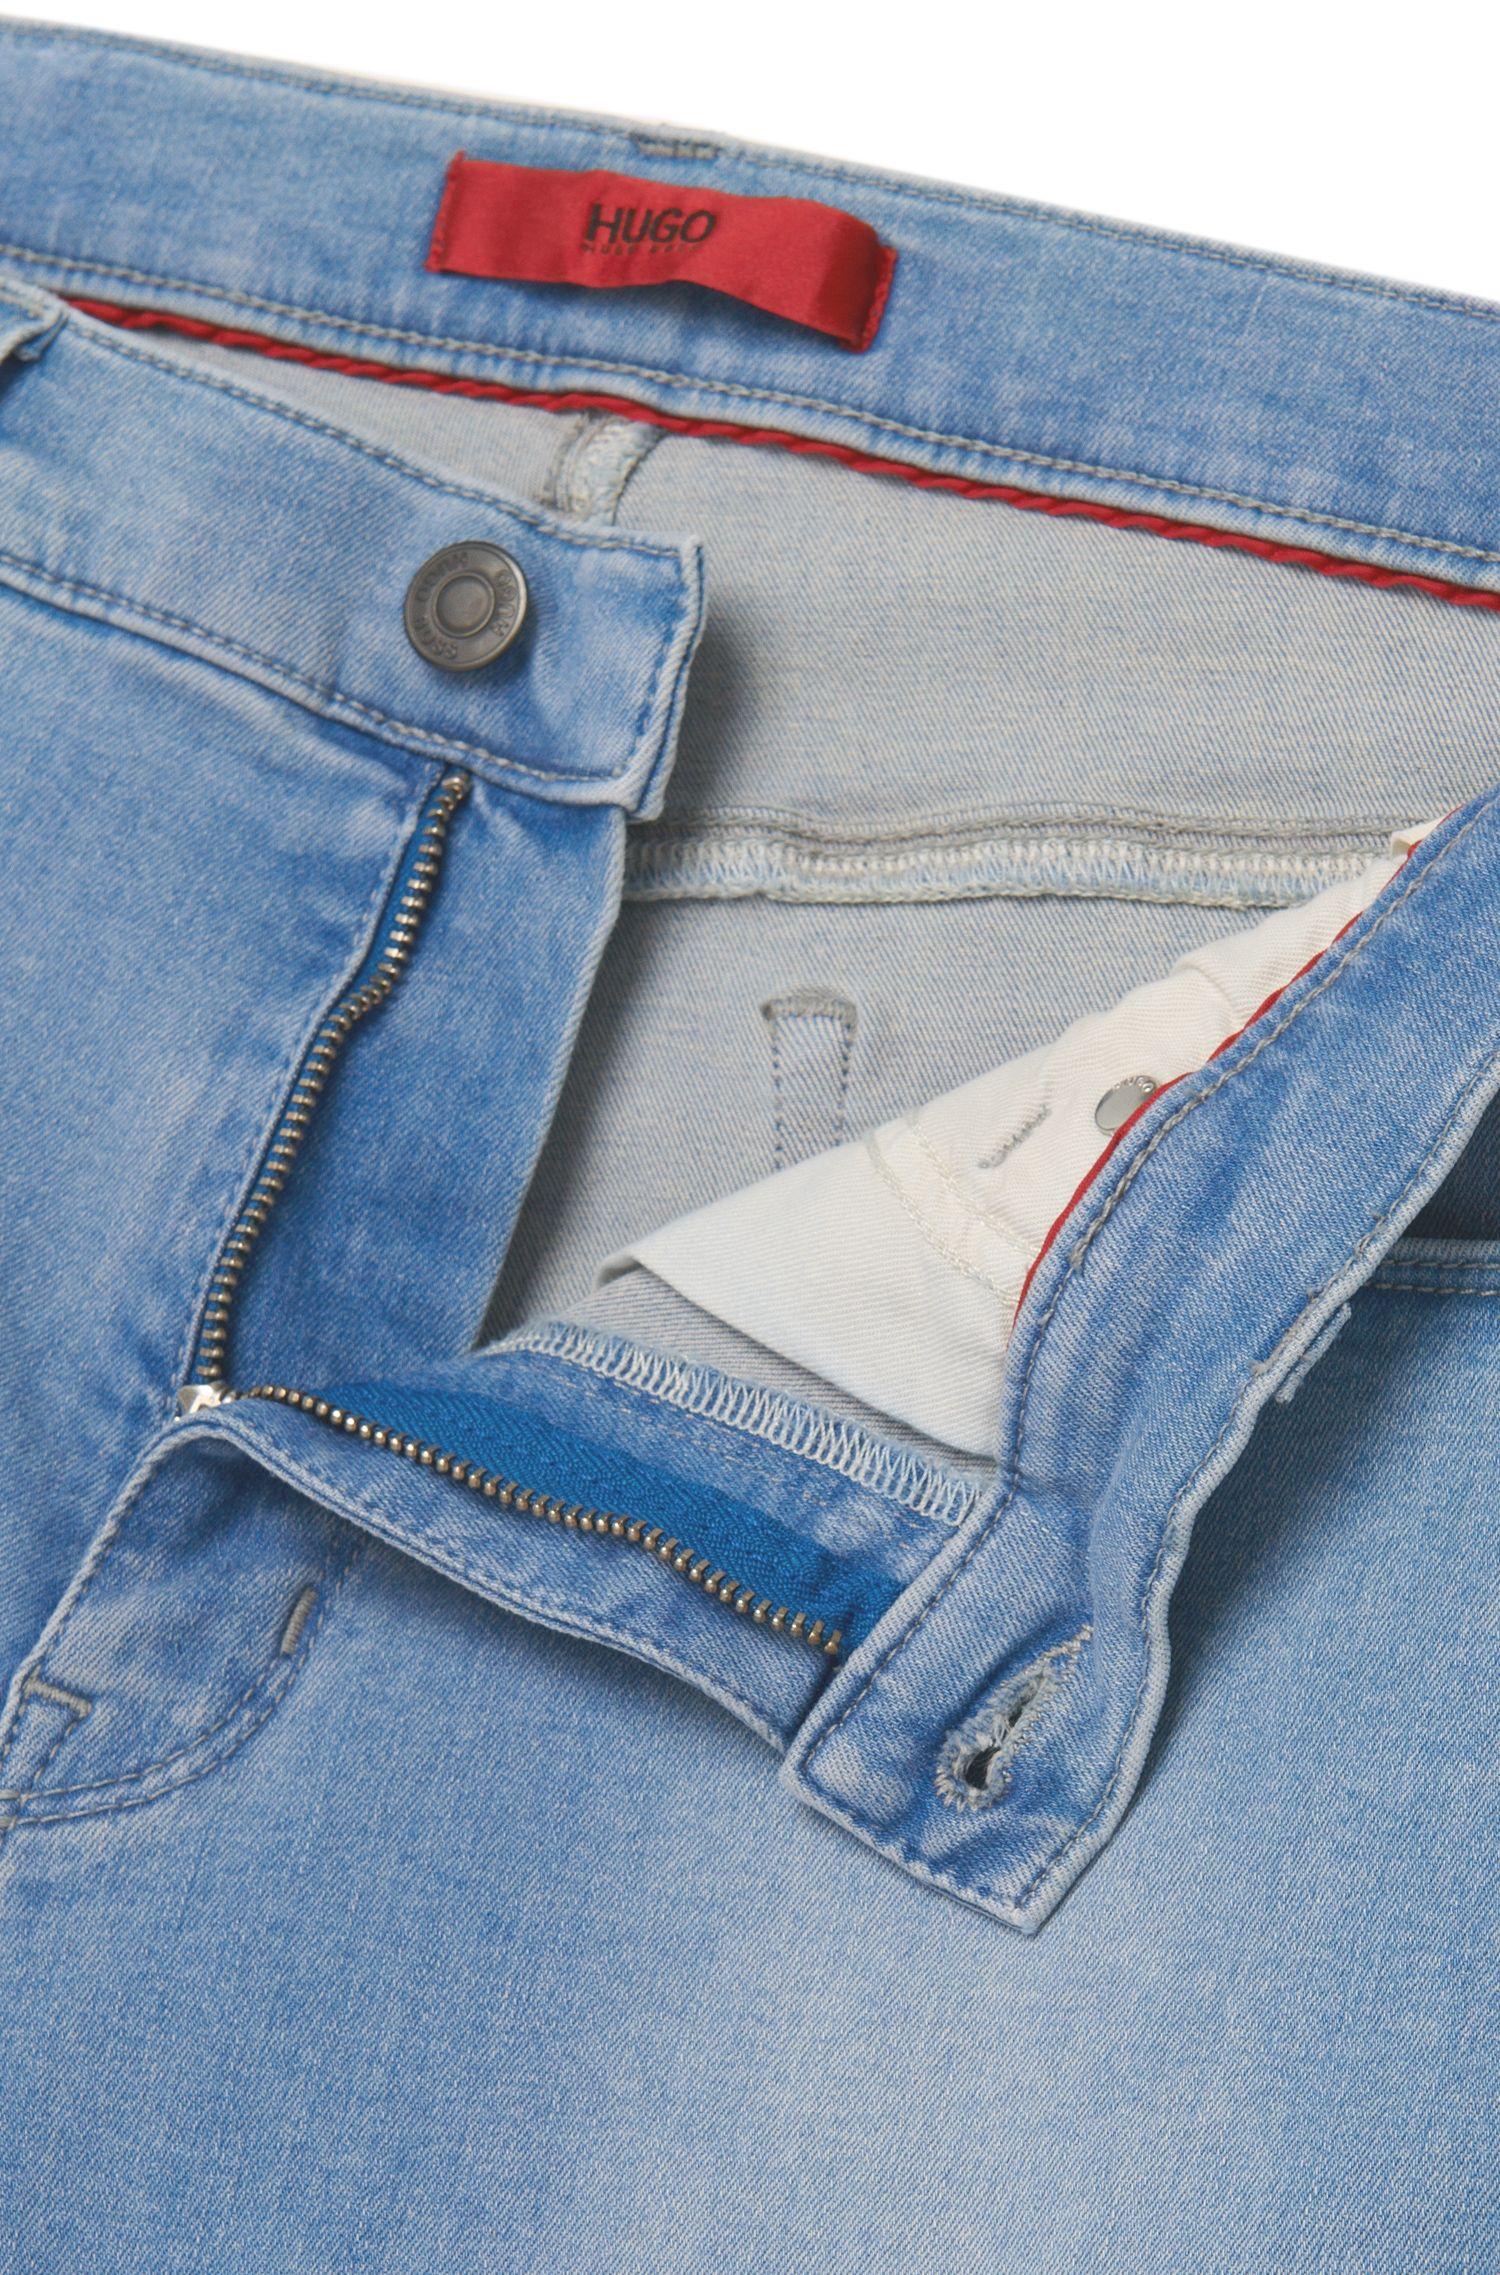 Slim-Fit Jeans aus elastischem Baumwoll-Mix mit Used-Waschung: 'HUGO 708'